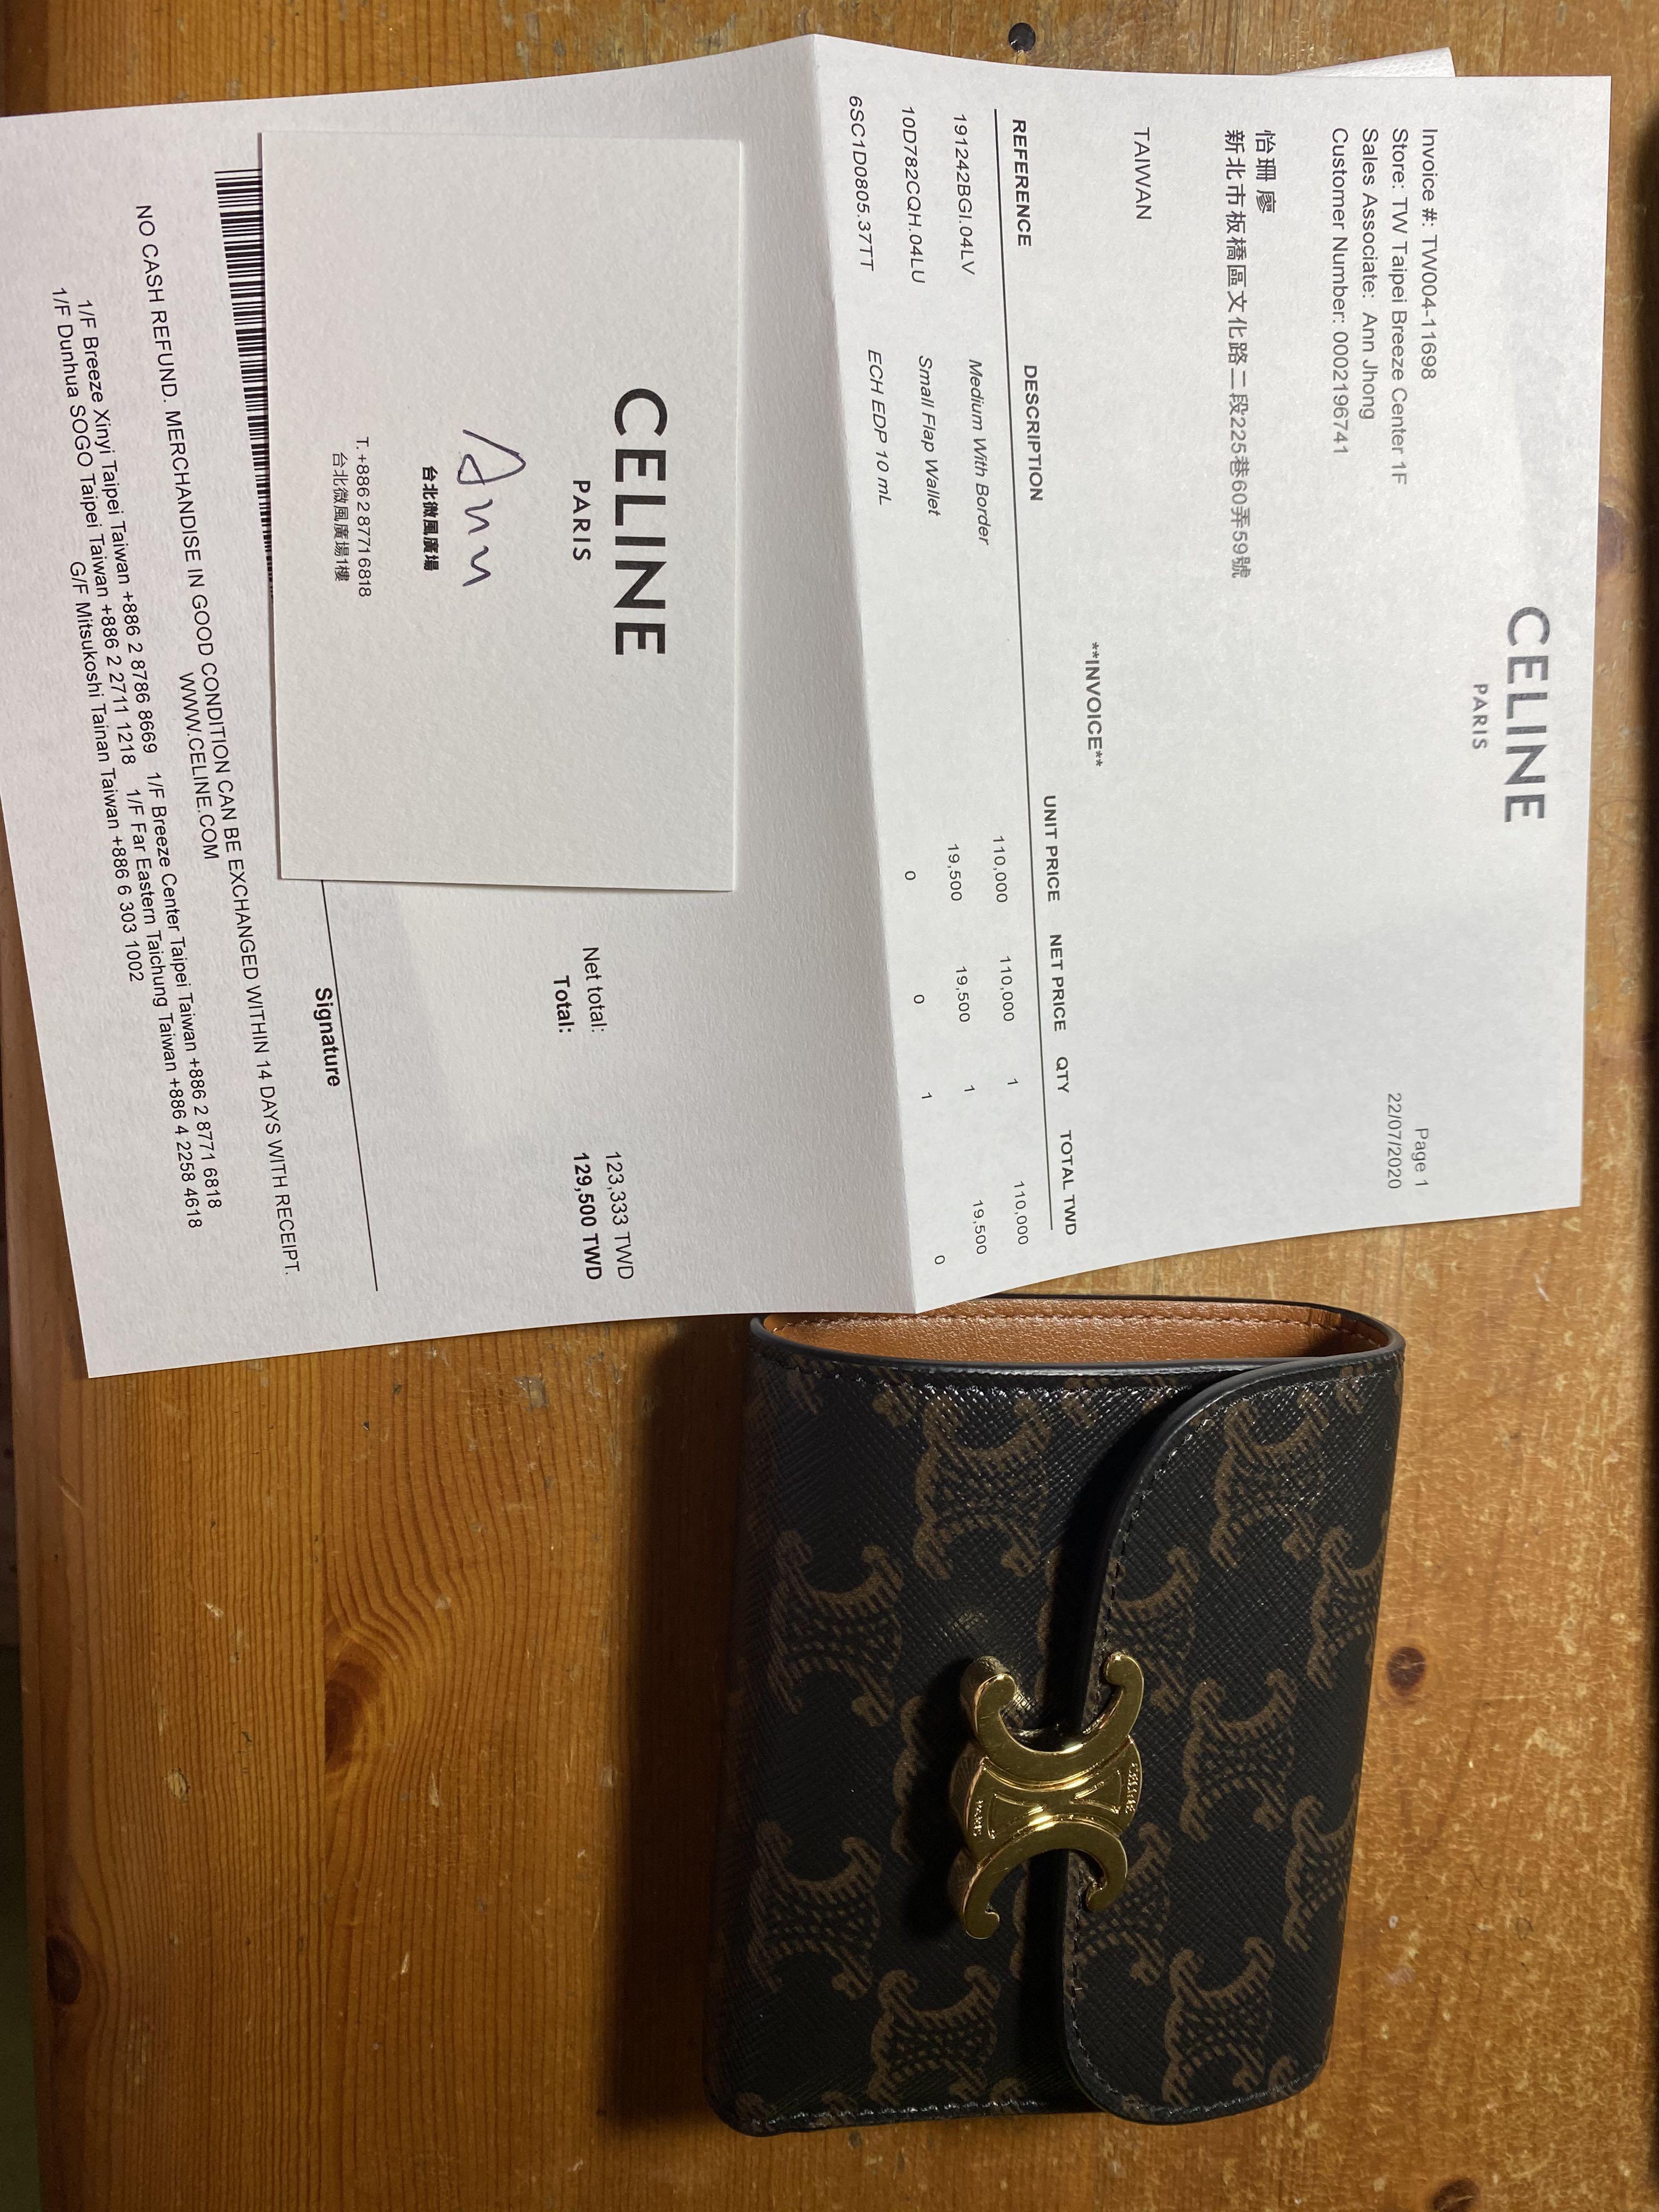 celine二手短夾(凱旋門係列,細圖私,1000可,盒子不在了,放)